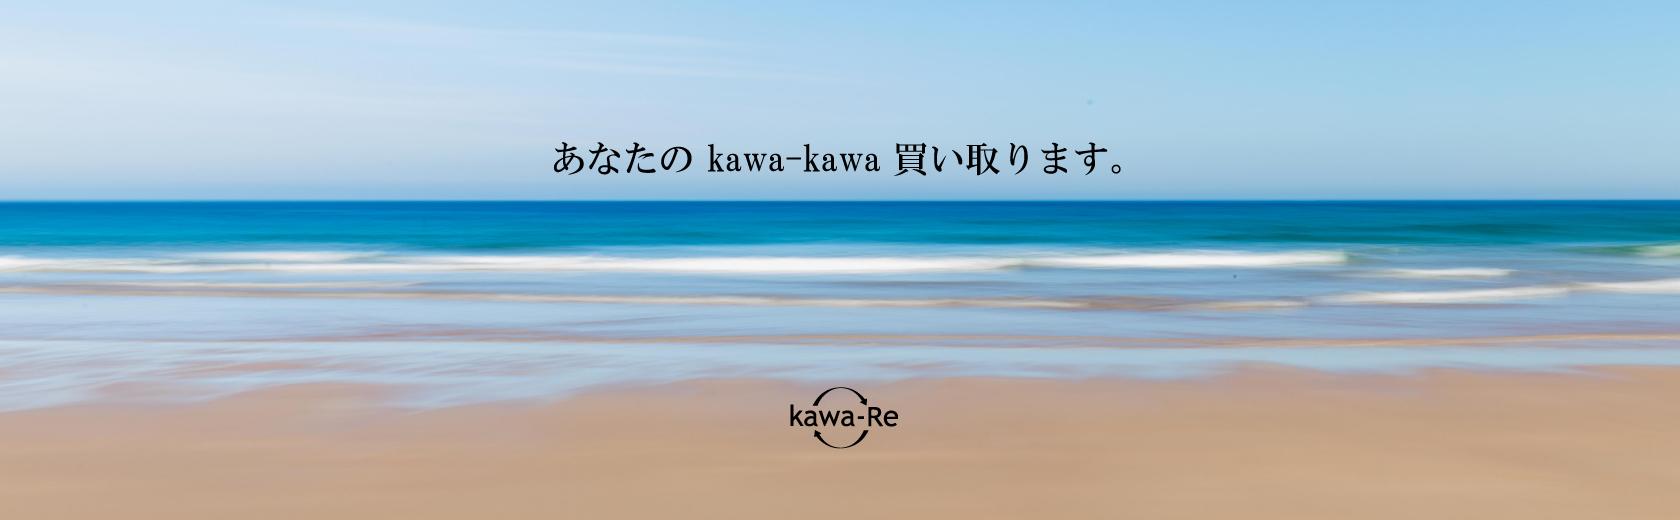 kawa-Re(カワーレ)